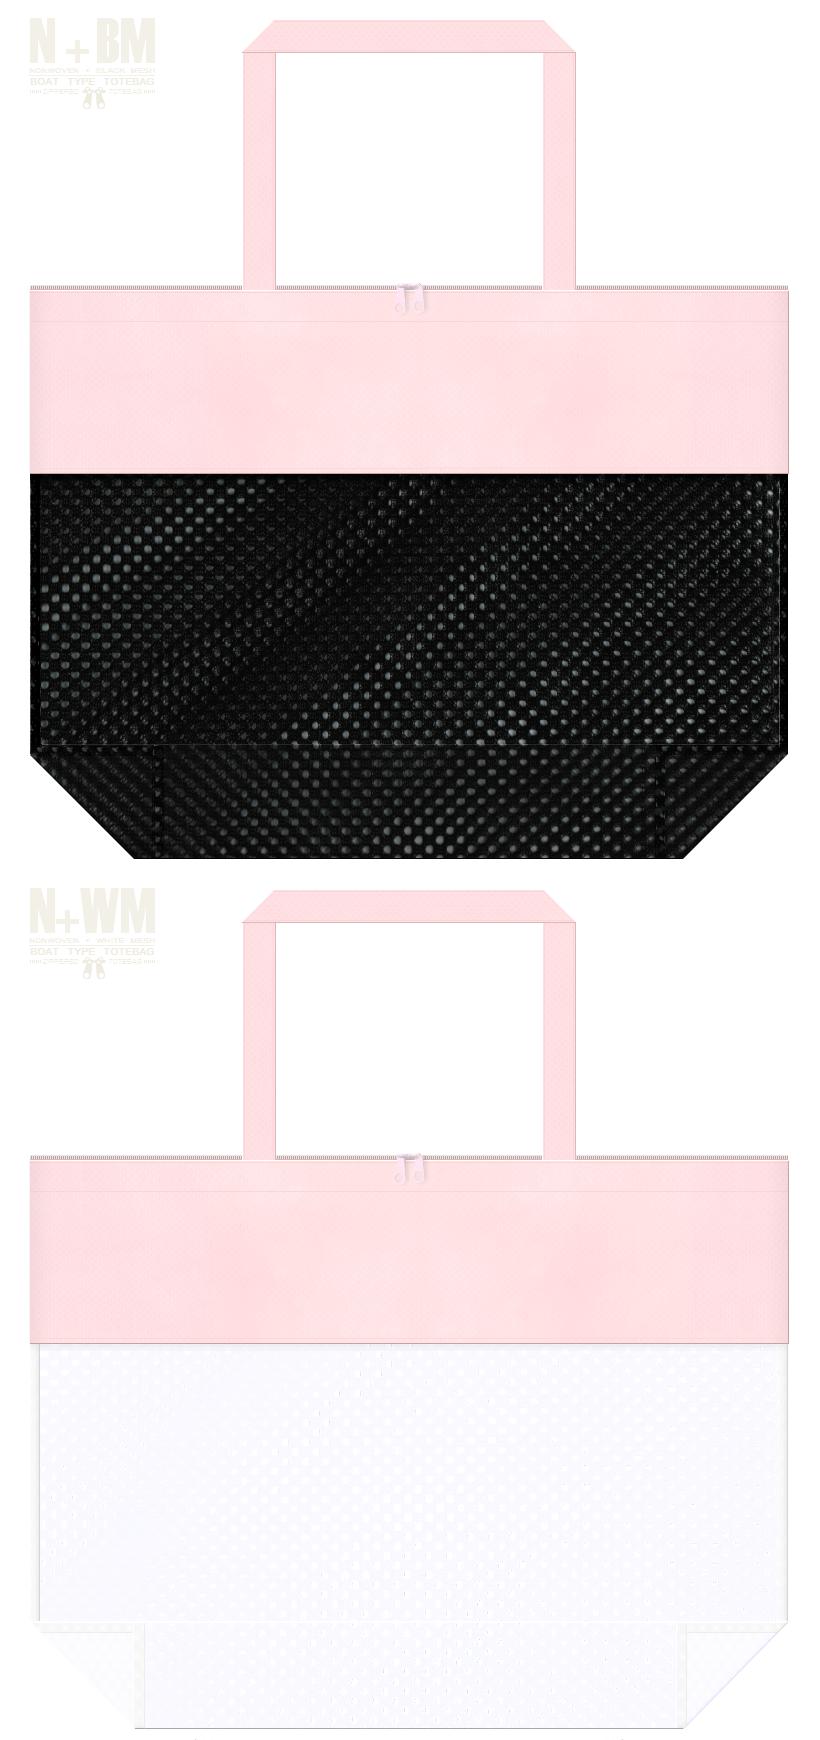 台形型メッシュバッグのカラーシミュレーション:黒色・白色メッシュと桜色不織布の組み合わせ